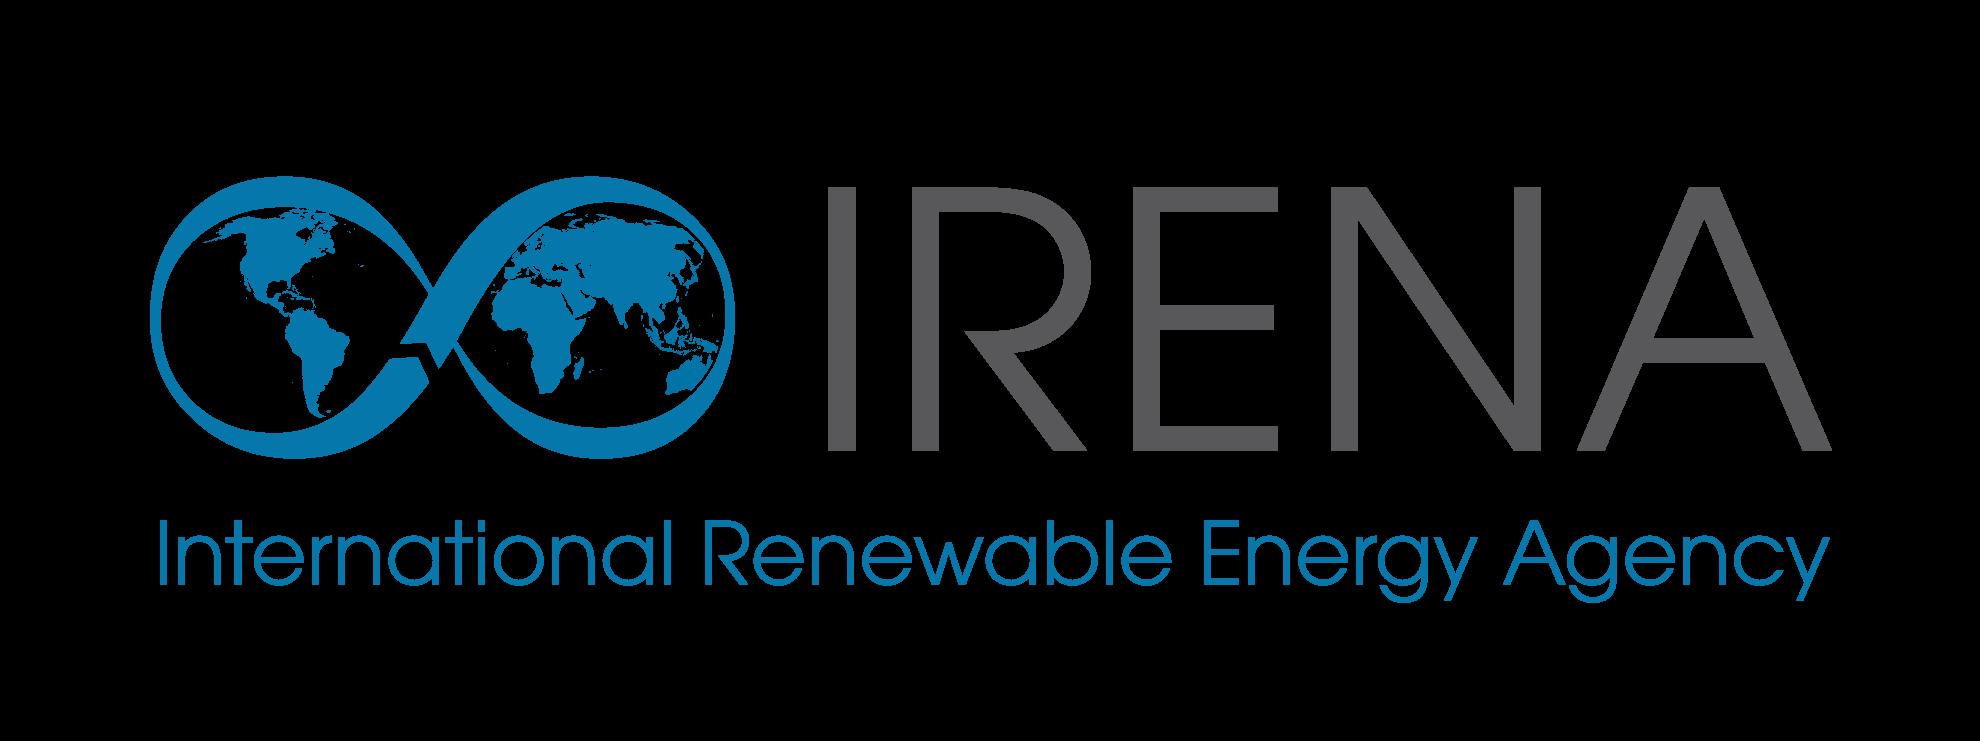 52% des entreprises Européennes consomment de l'électricité renouvelable selon l'IRENA!